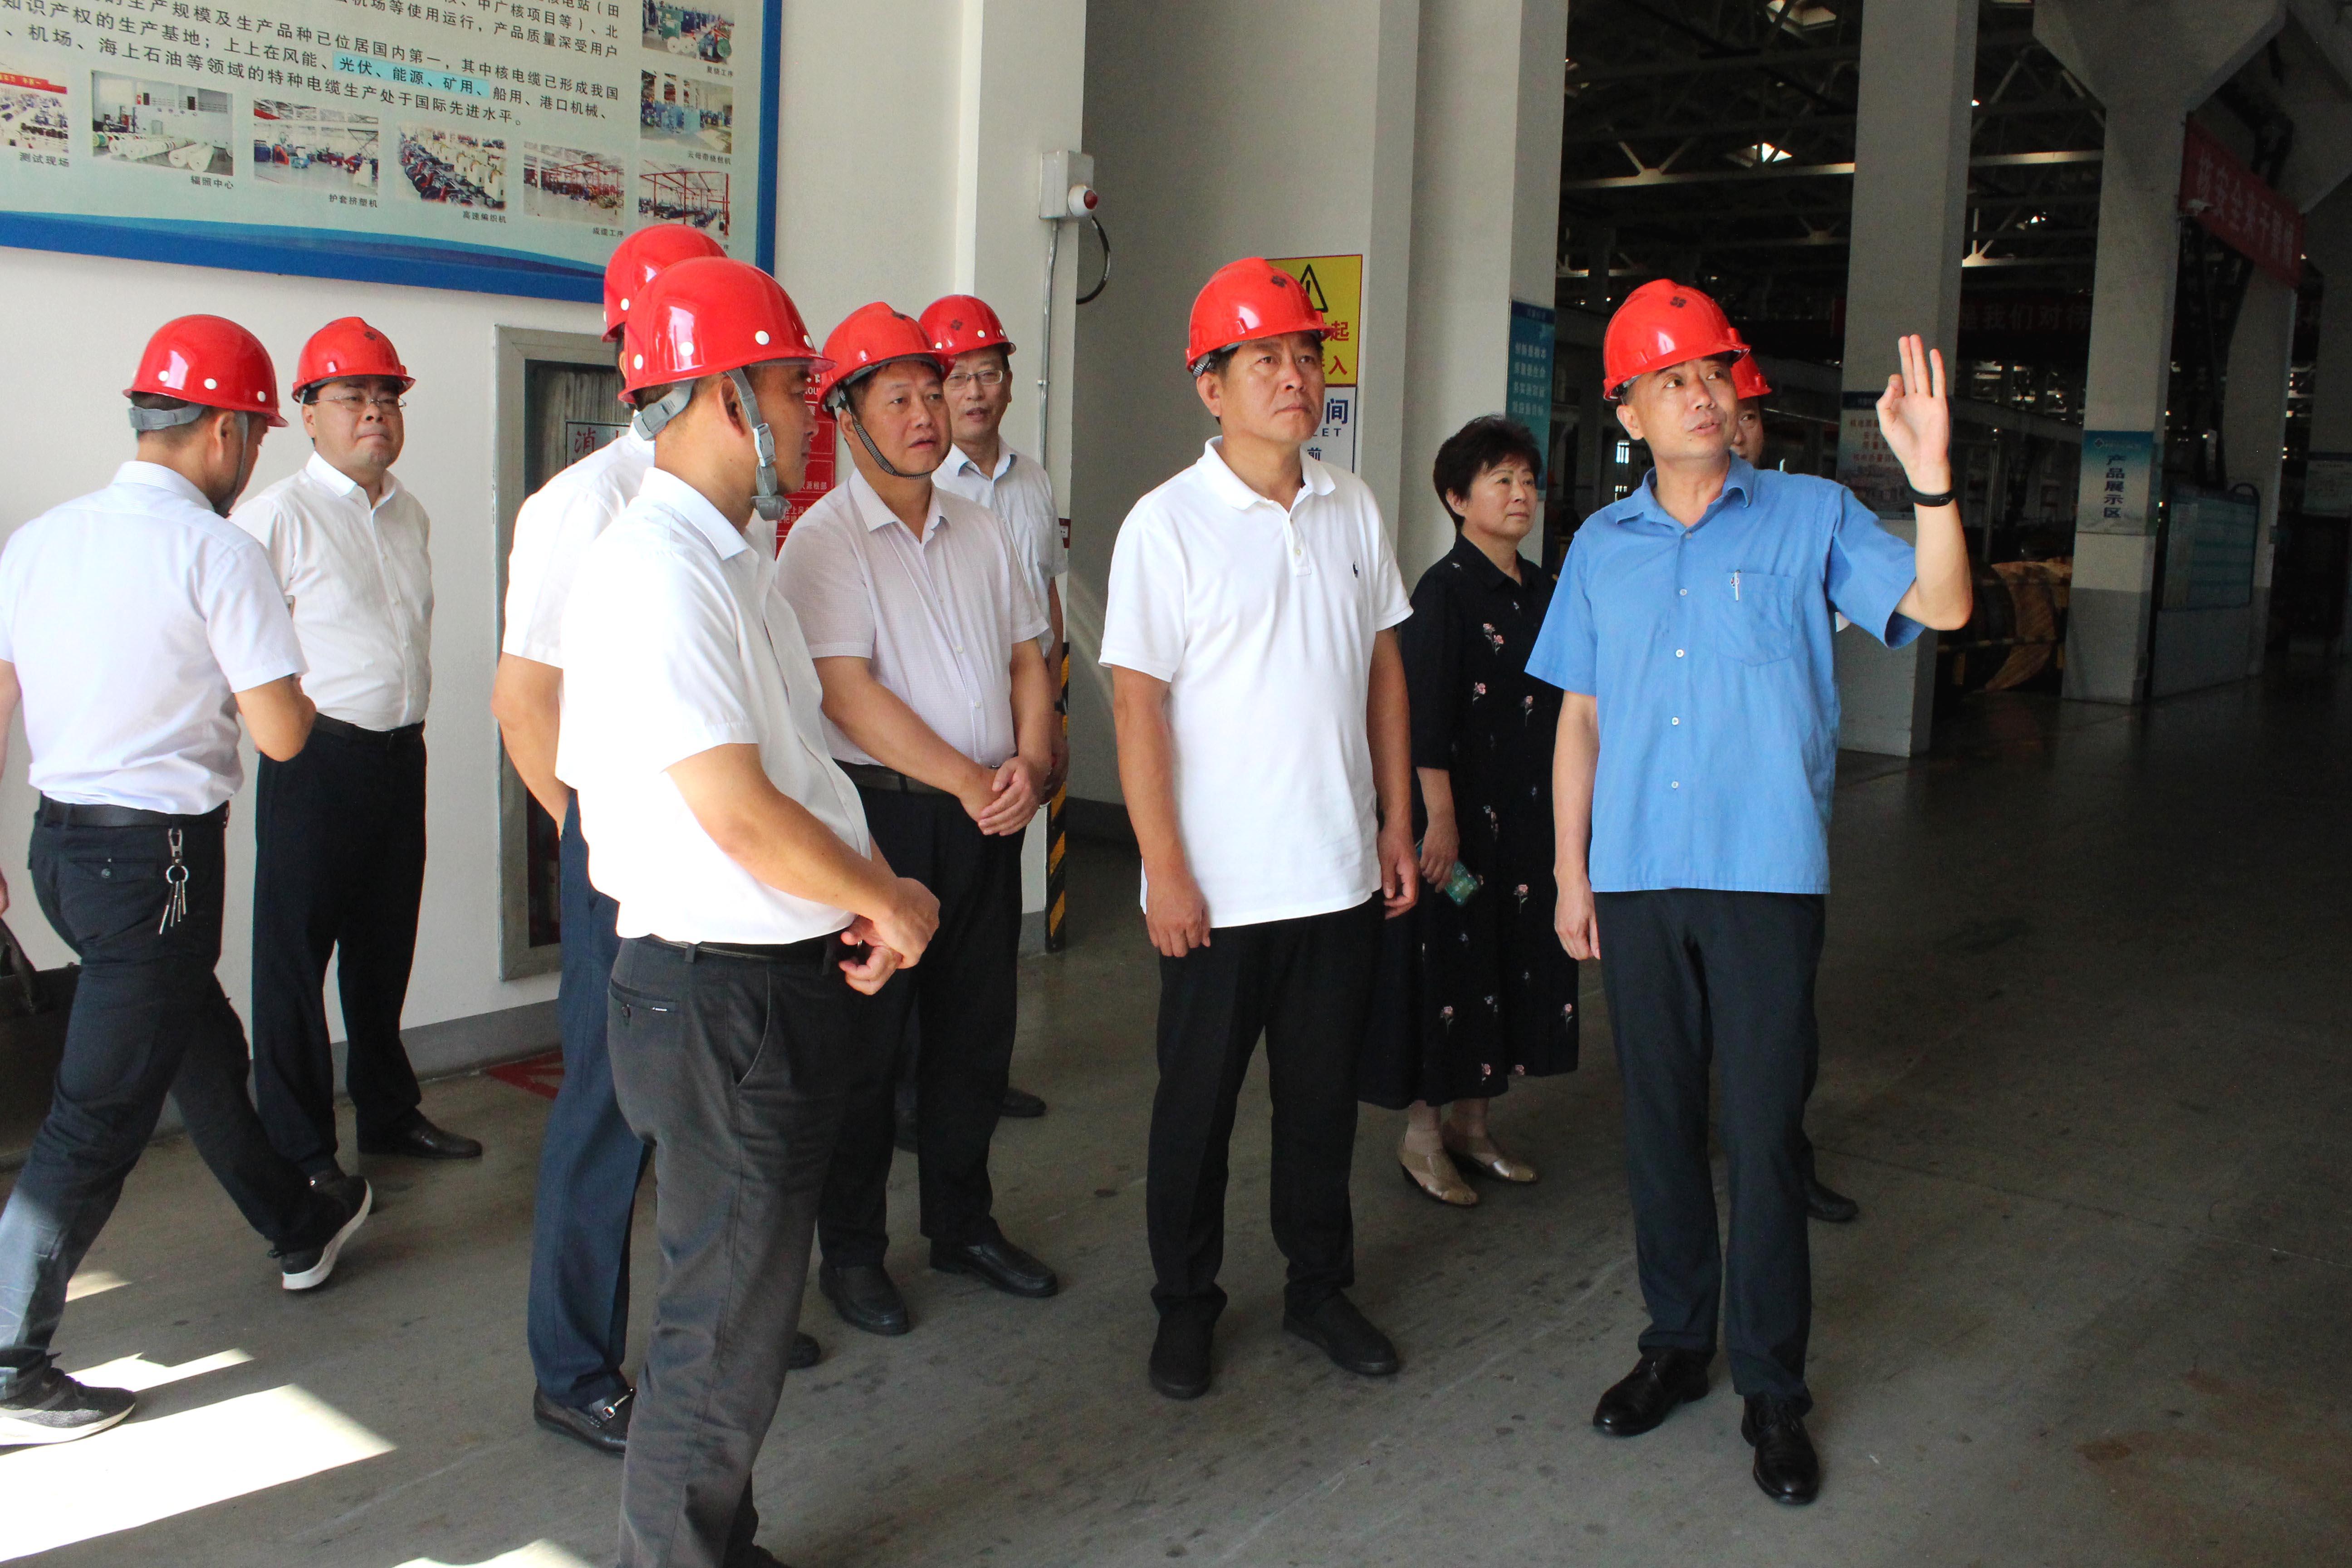 2019年8月3日,河南省信阳市考察组来上上参观考察